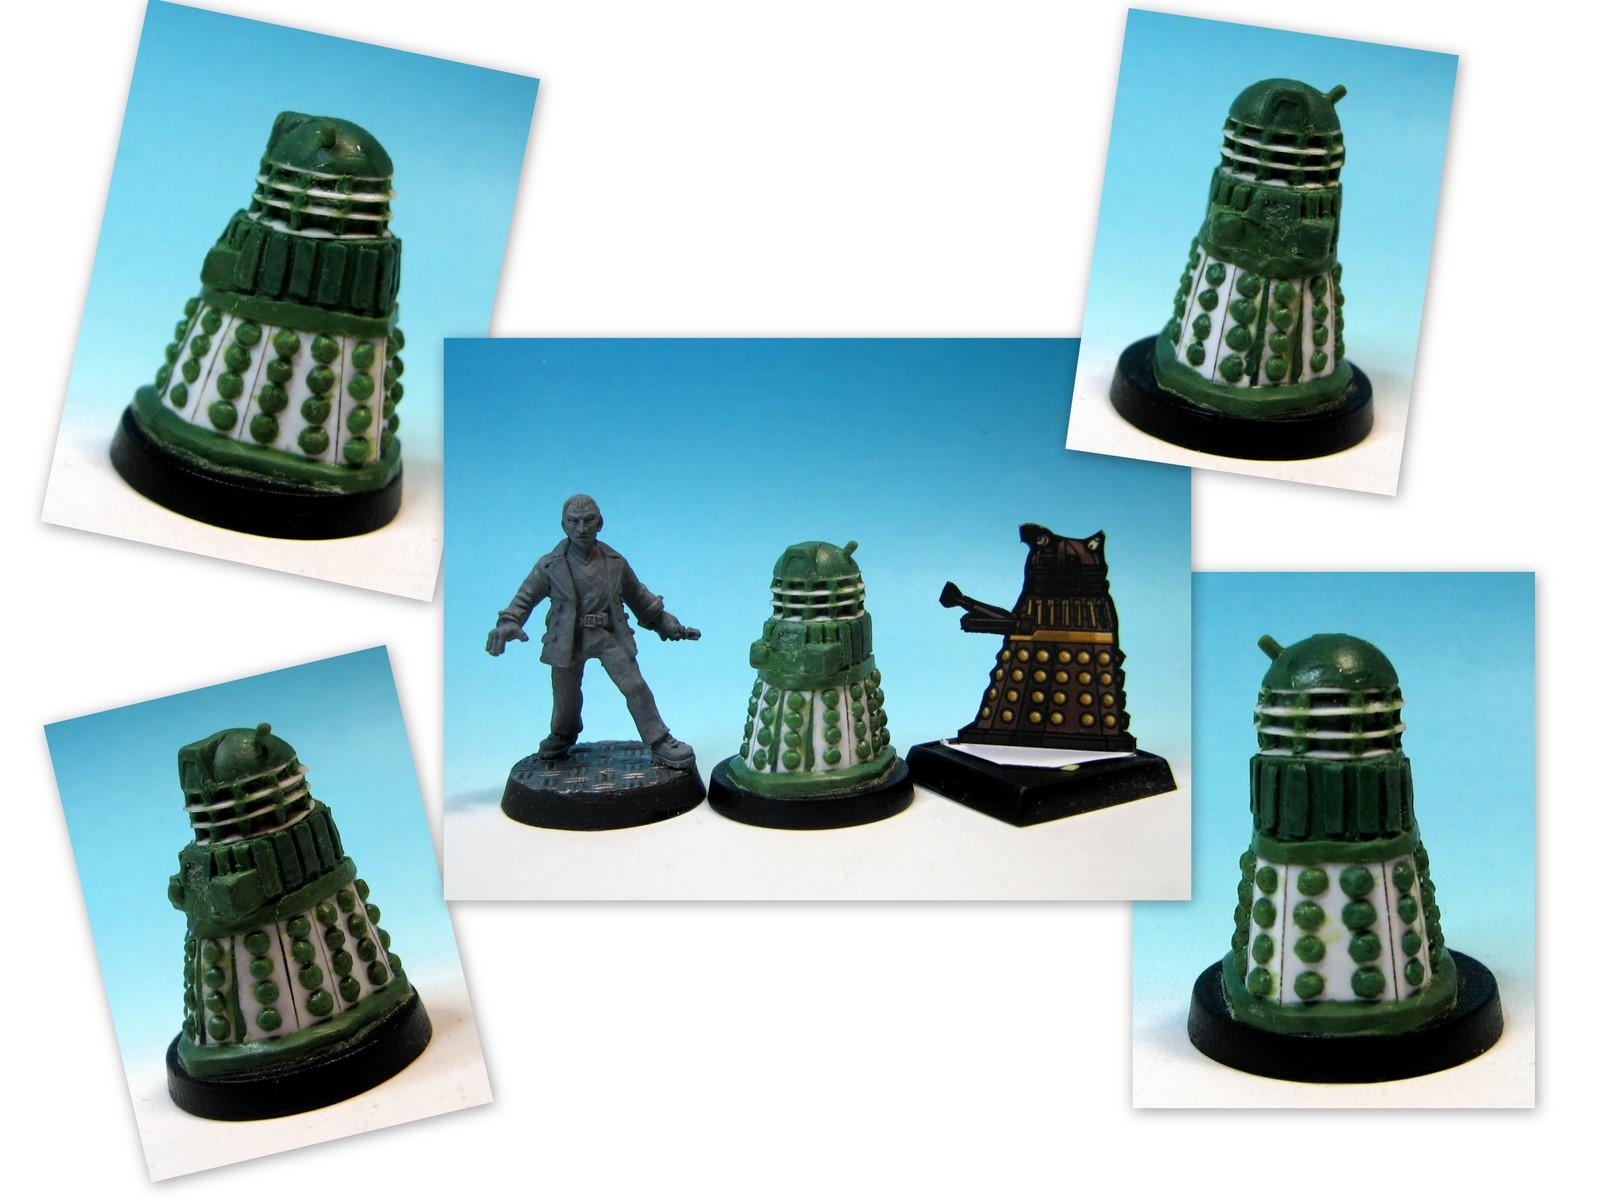 La relativité du Temps: Scratch Building a 28mm Dalek